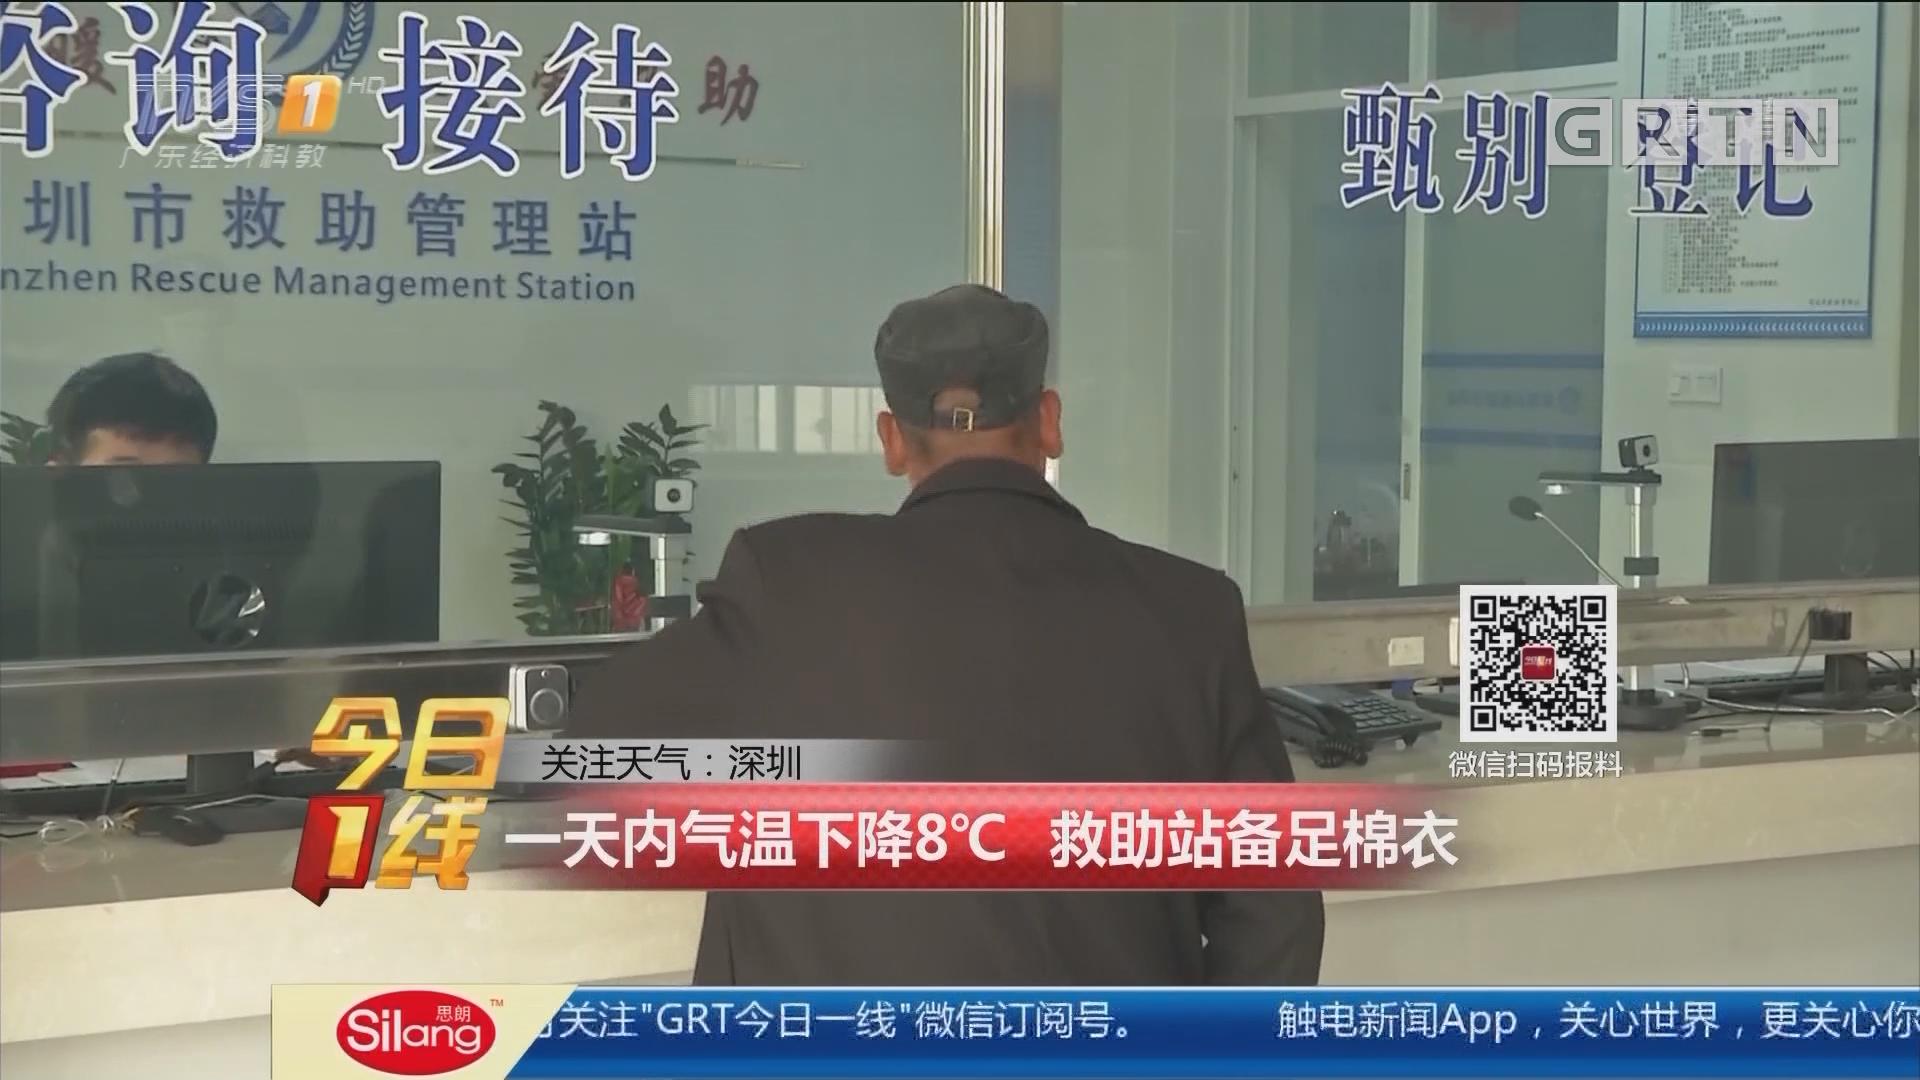 关注天气:深圳 一天内气温下降8℃ 救助站备足棉衣